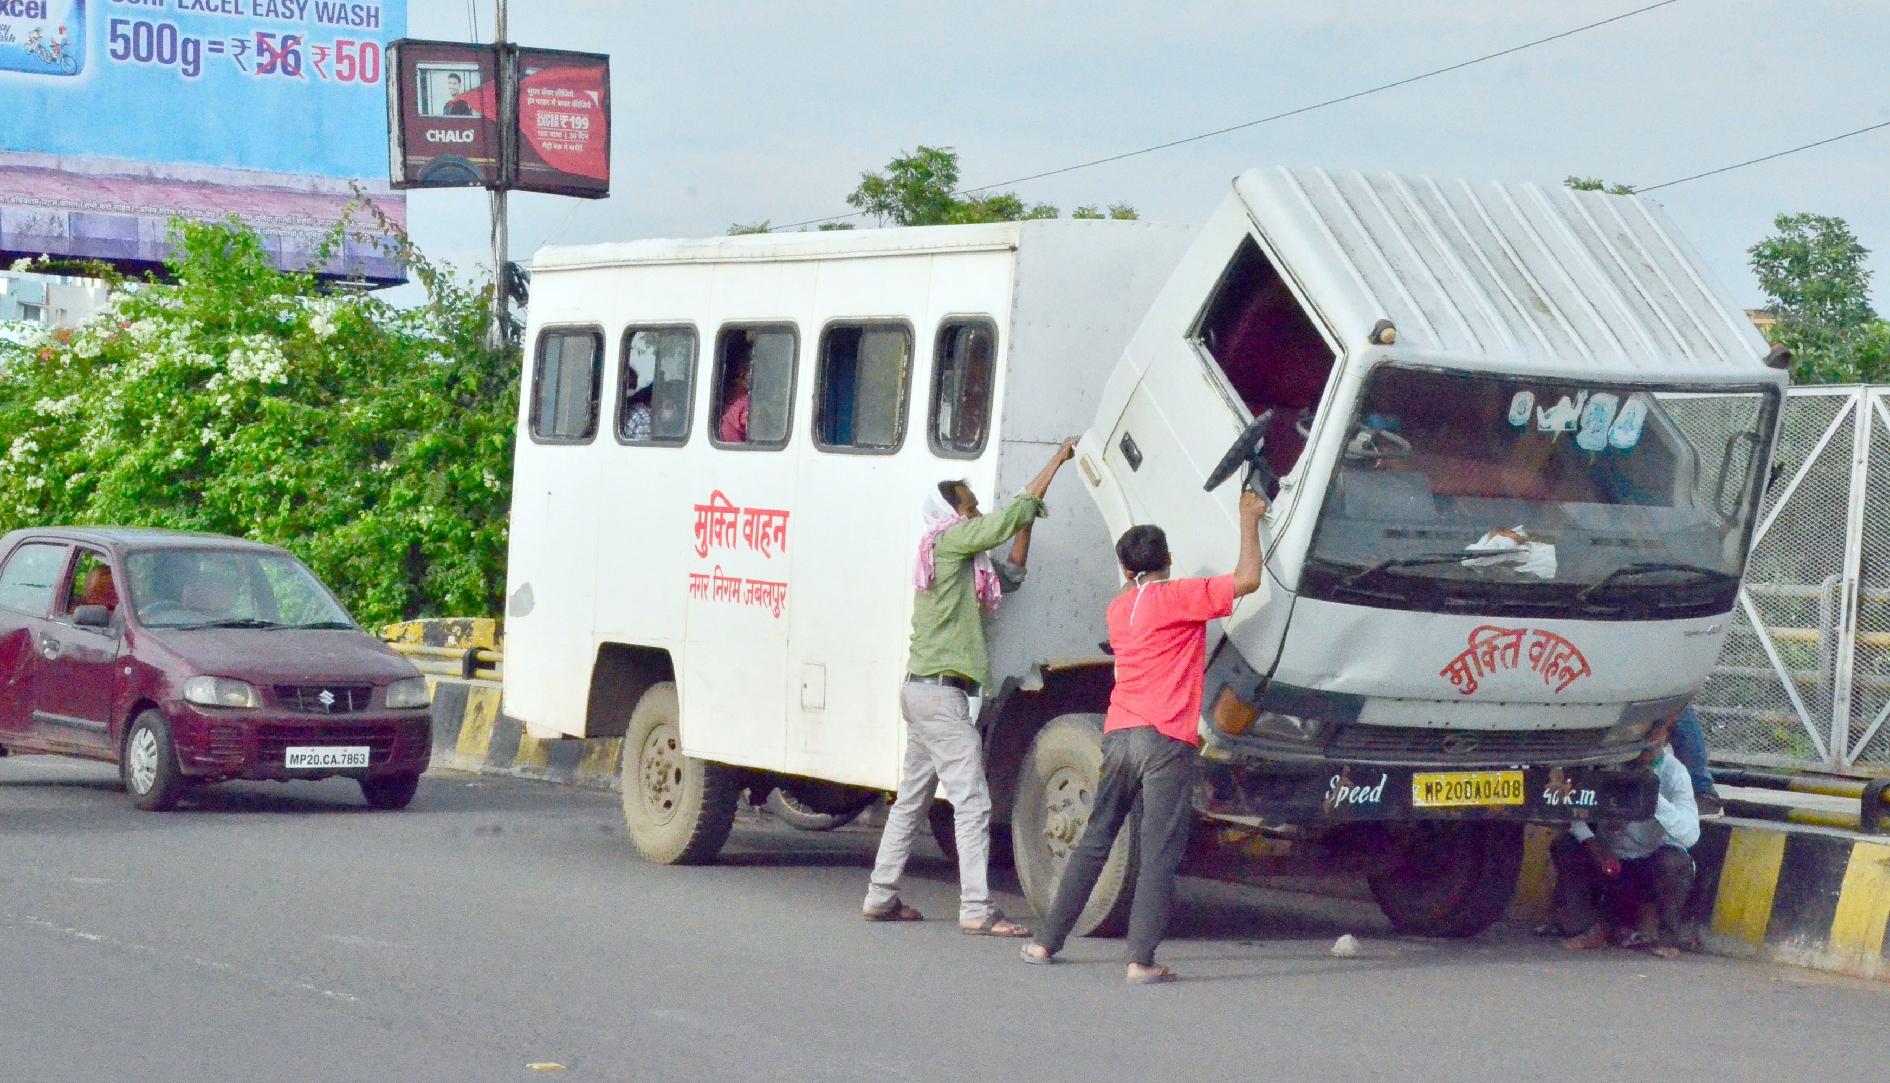 मुक्ति वाहन को चाहिए 'मुक्ति'